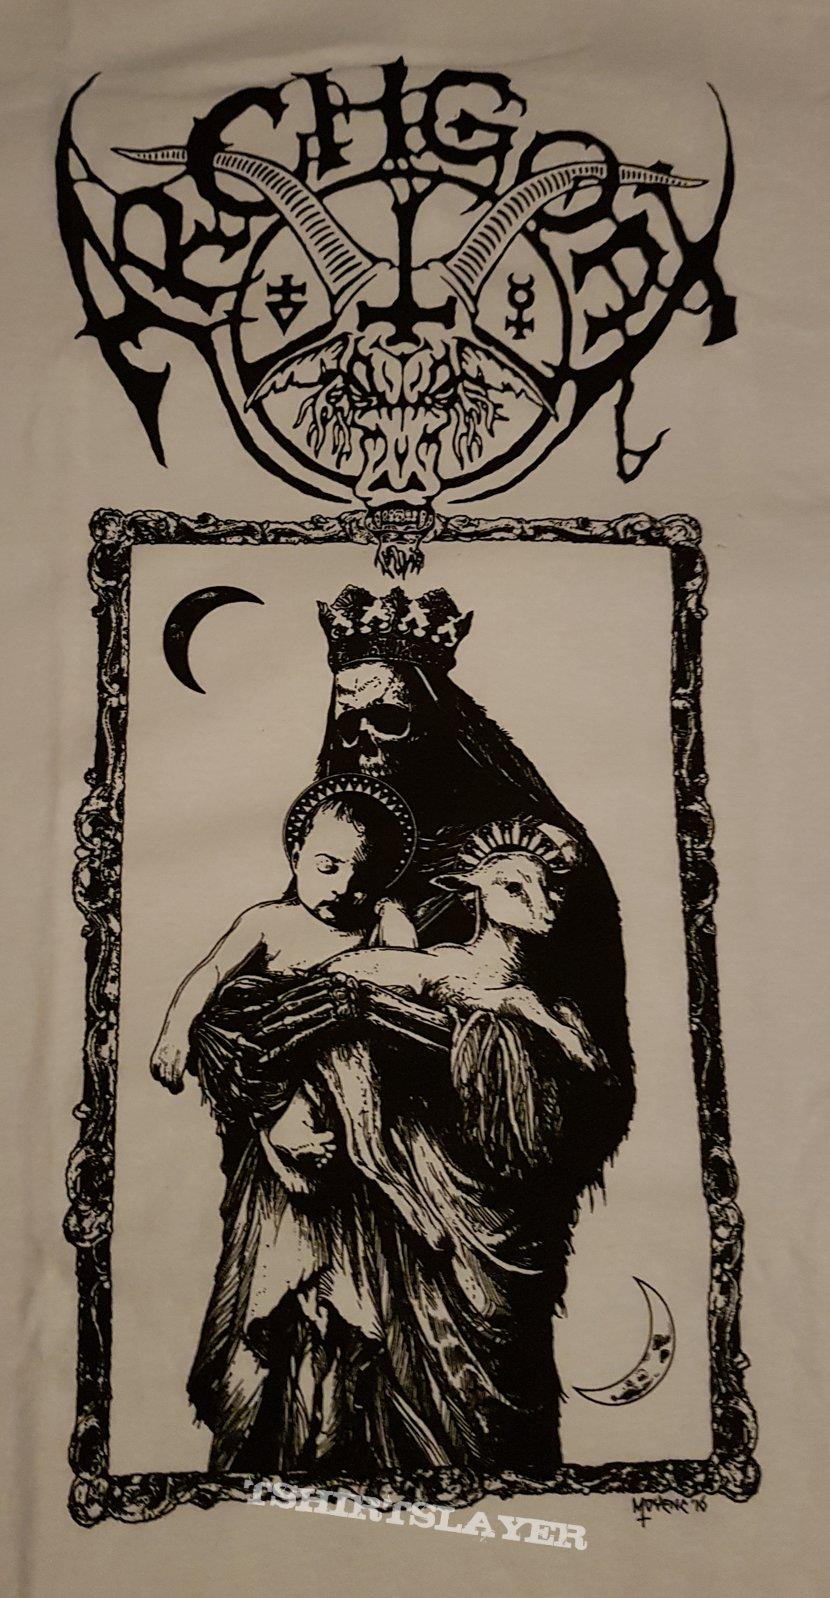 Archgoat Dead Maria